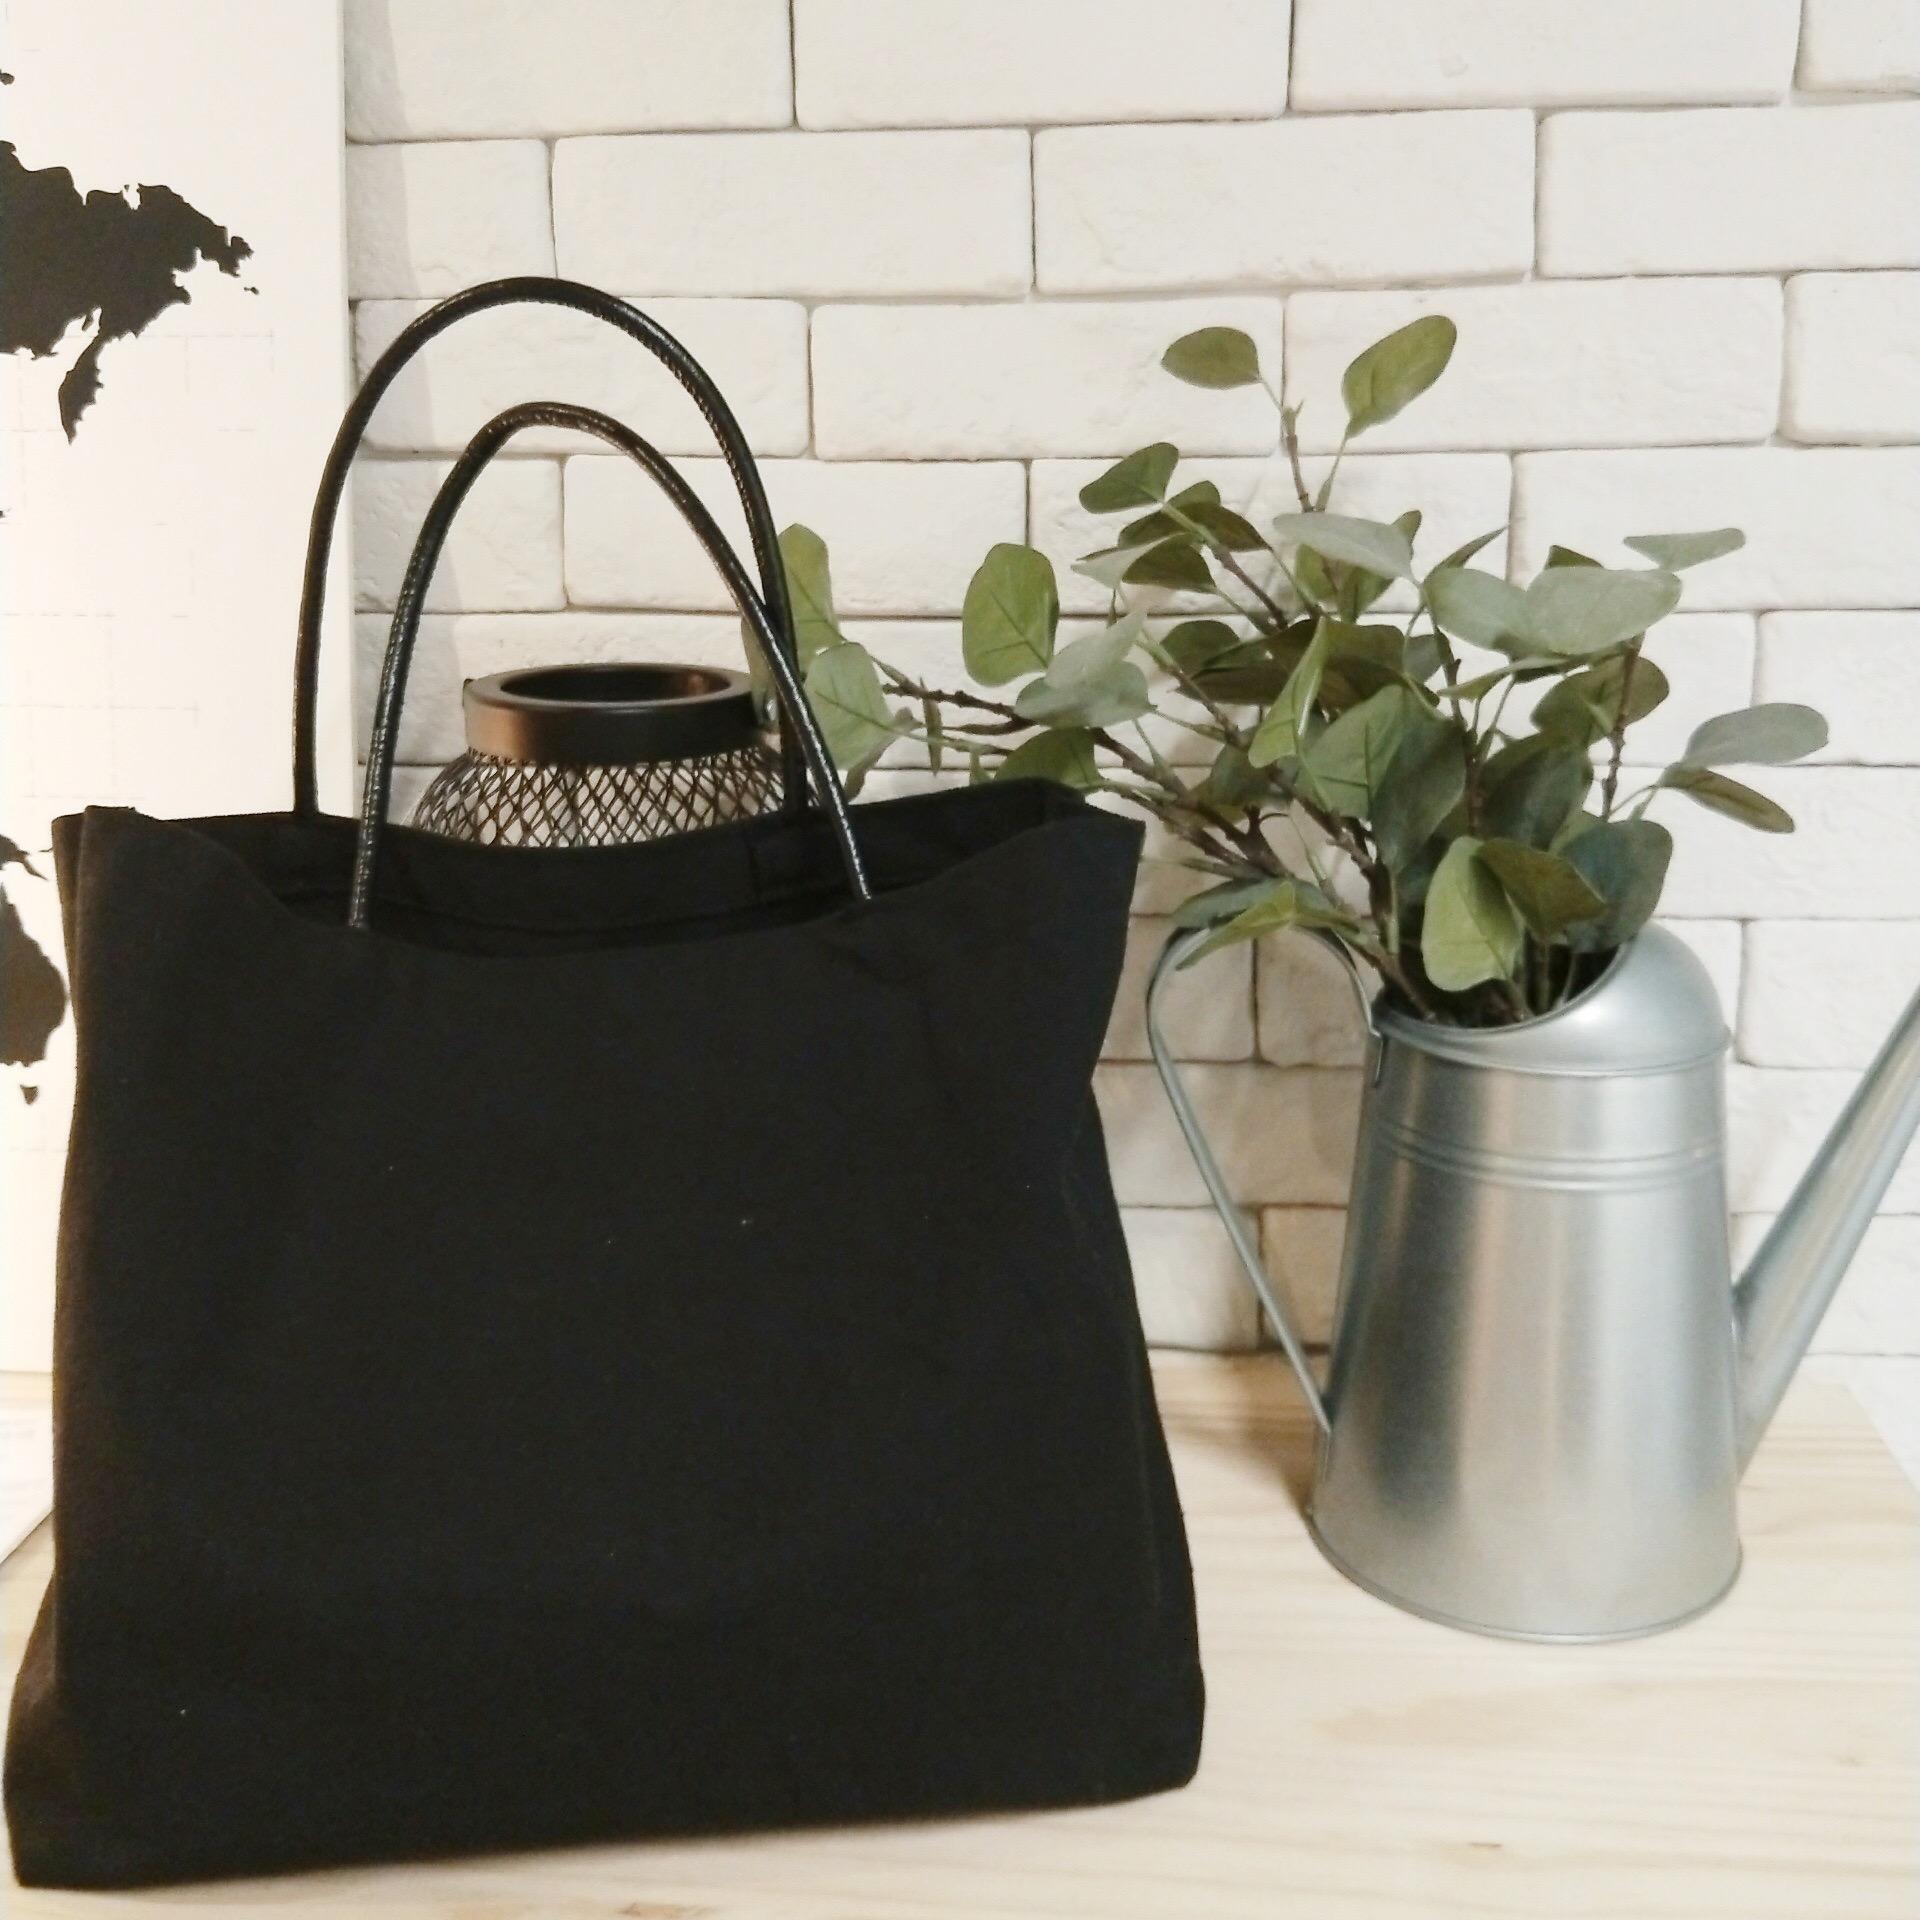 Chiếc túi canvas màu đen không chỉ giúp bạn làm nổi bật lên trang phục hàng ngày mà còn khiến bạn toát lên vẻ sang trọng, lịch sự